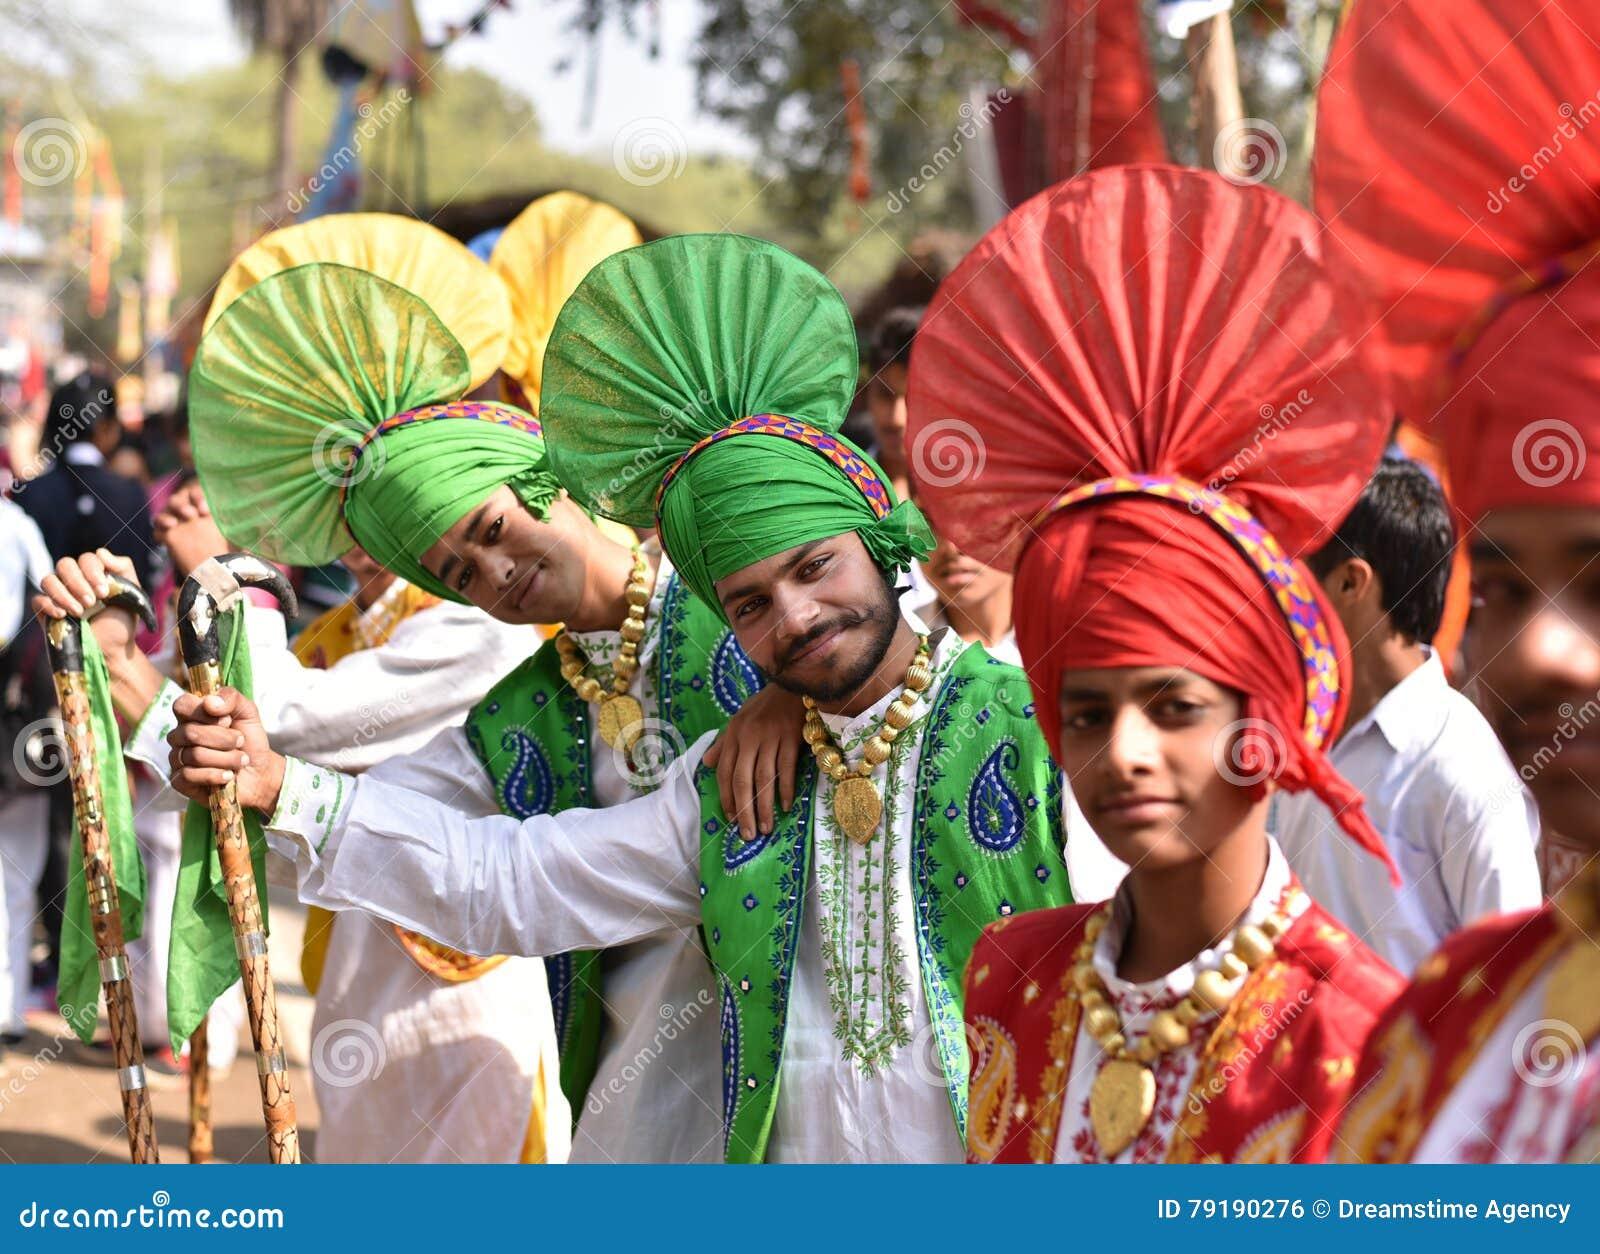 传统印地安旁遮普语的年轻男孩穿戴,享受市场